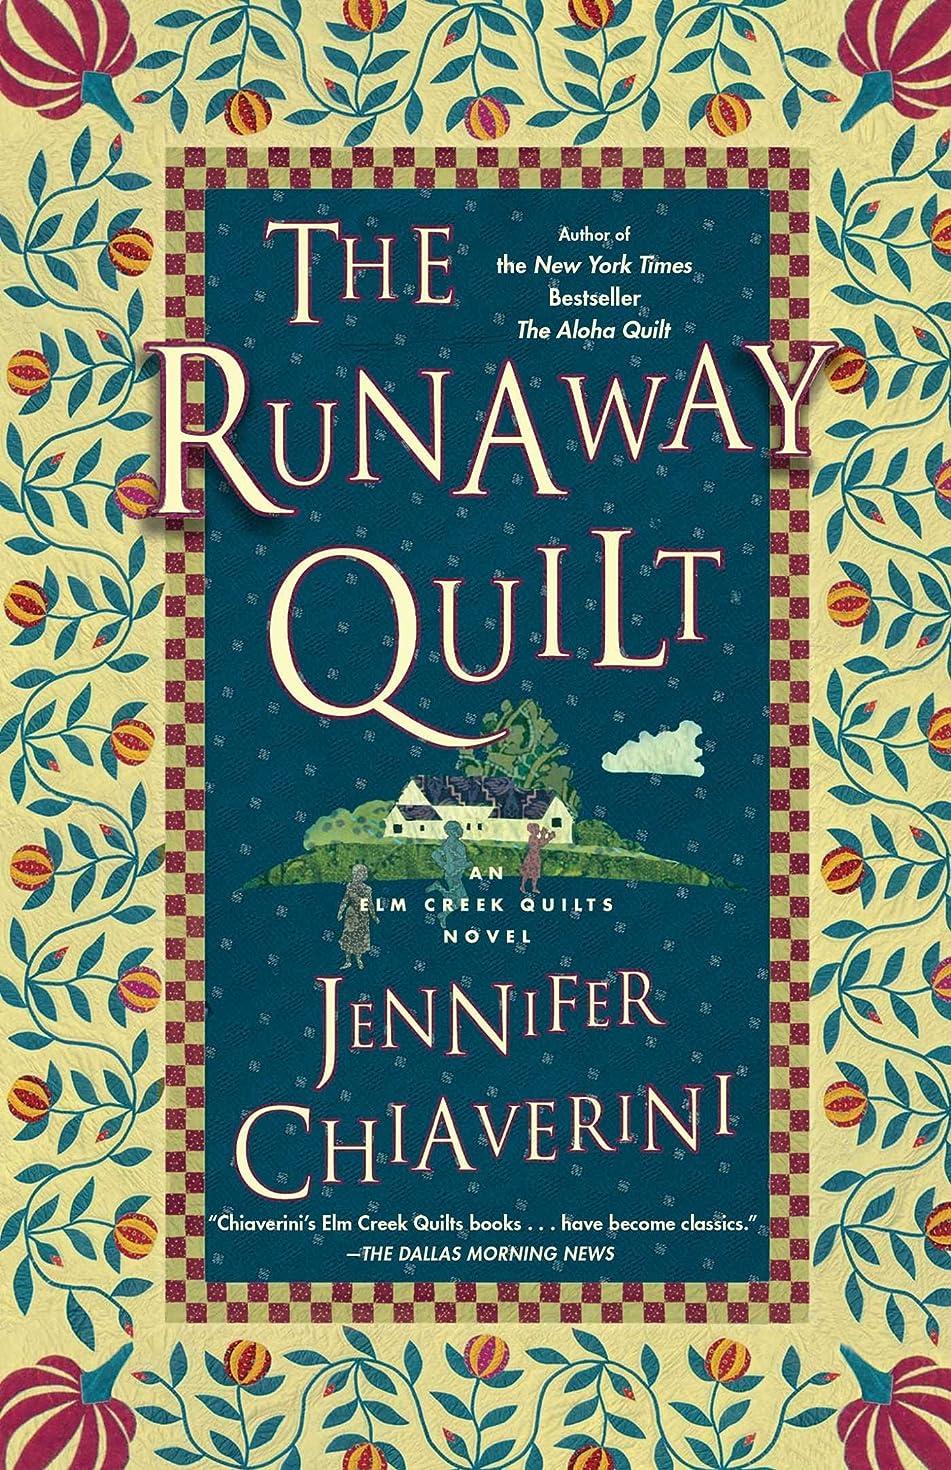 The Runaway Quilt: An Elm Creek Quilts Novel (The Elm Creek Quilts Book 4)